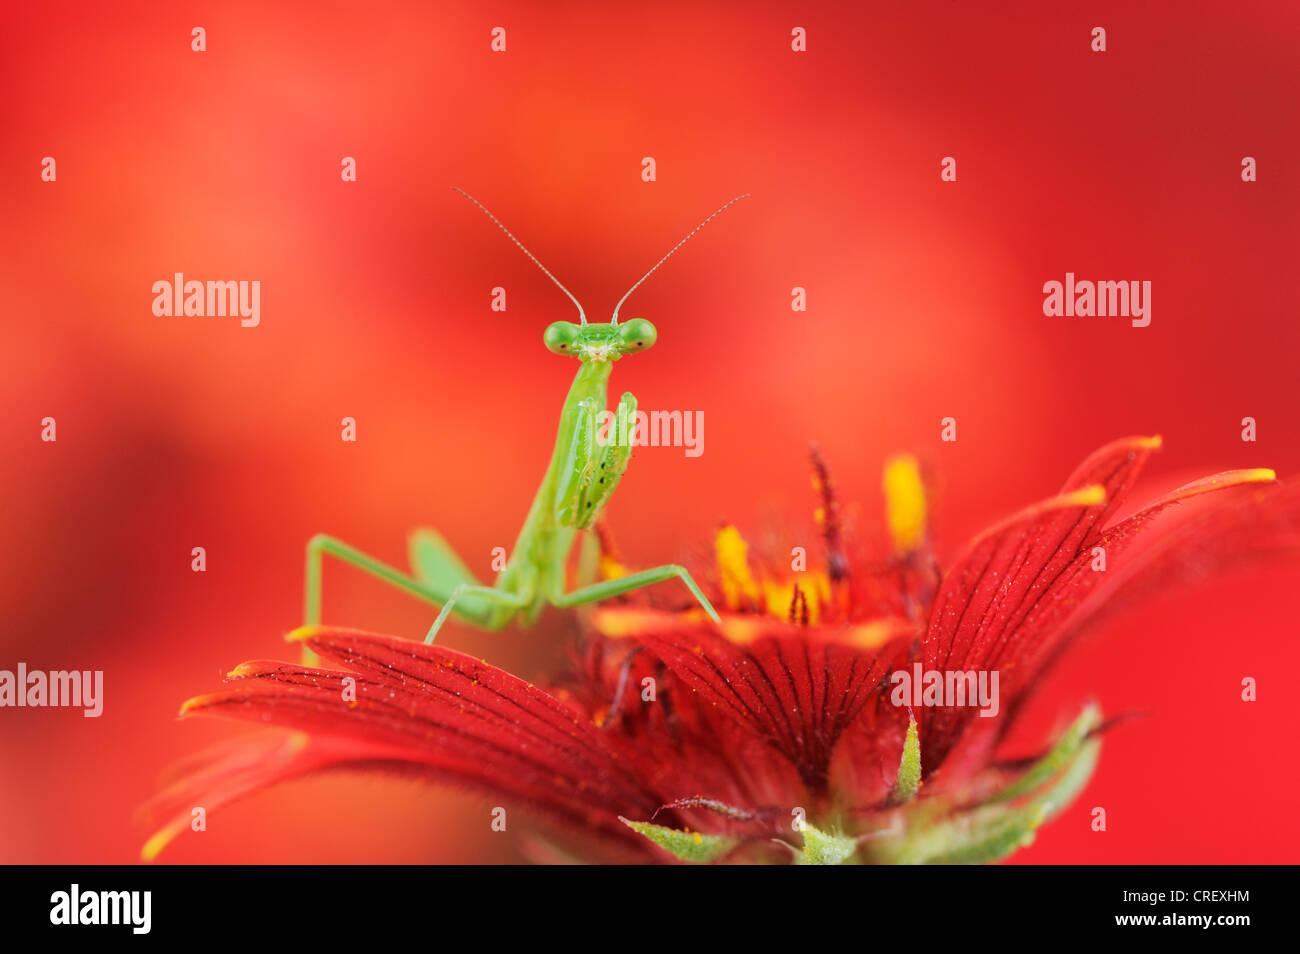 Gottesanbeterin (Mantis SP.), gehockt junge indische Decke/Feuerrad (Gaillardia Pulchella), Texas, Lake Corpus Christi Stockbild